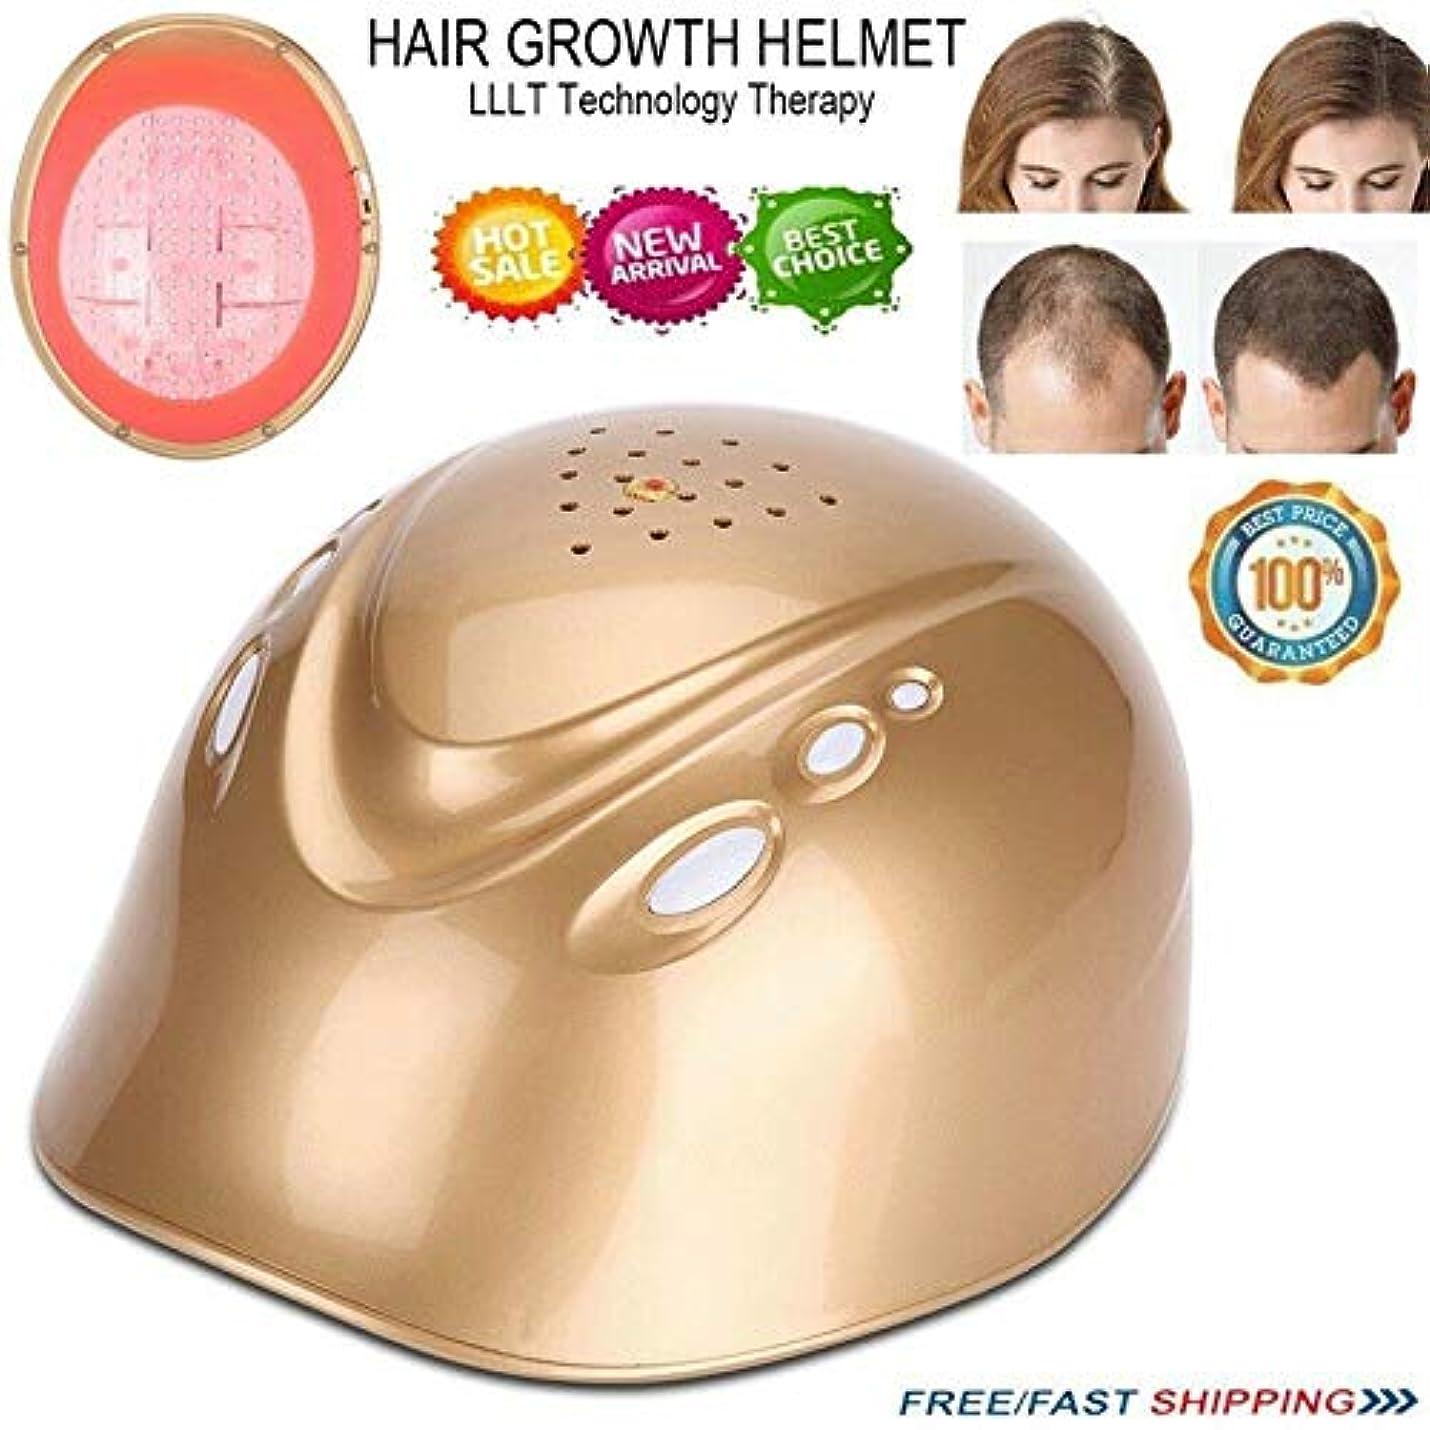 賢い嘆くある160ダイオードレーザーの毛の成長再成長ヘルメット、抜け毛を防ぎ発毛キャップマッサージシステムを推進